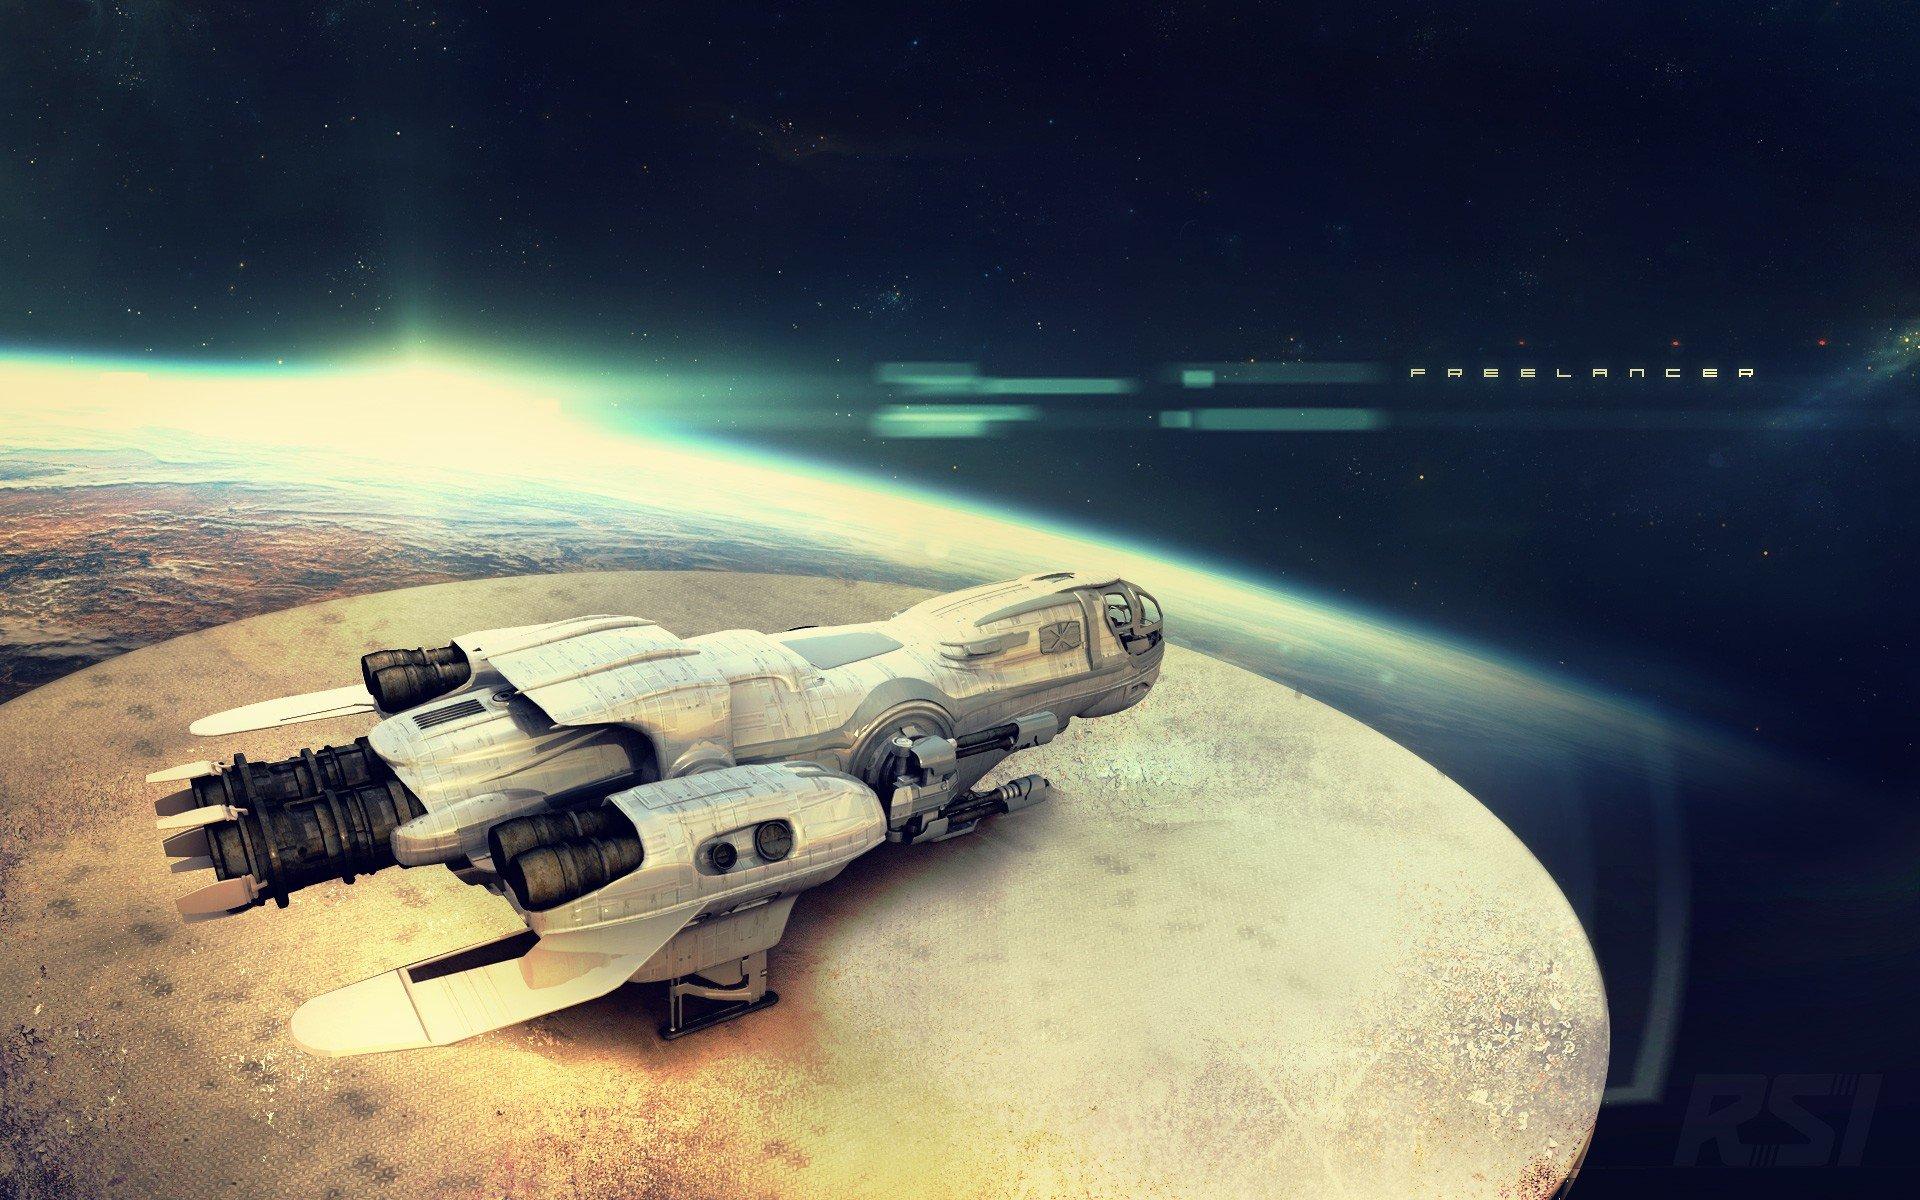 Star Citizen, Freelancer (Star Citizen), Spaceship HD